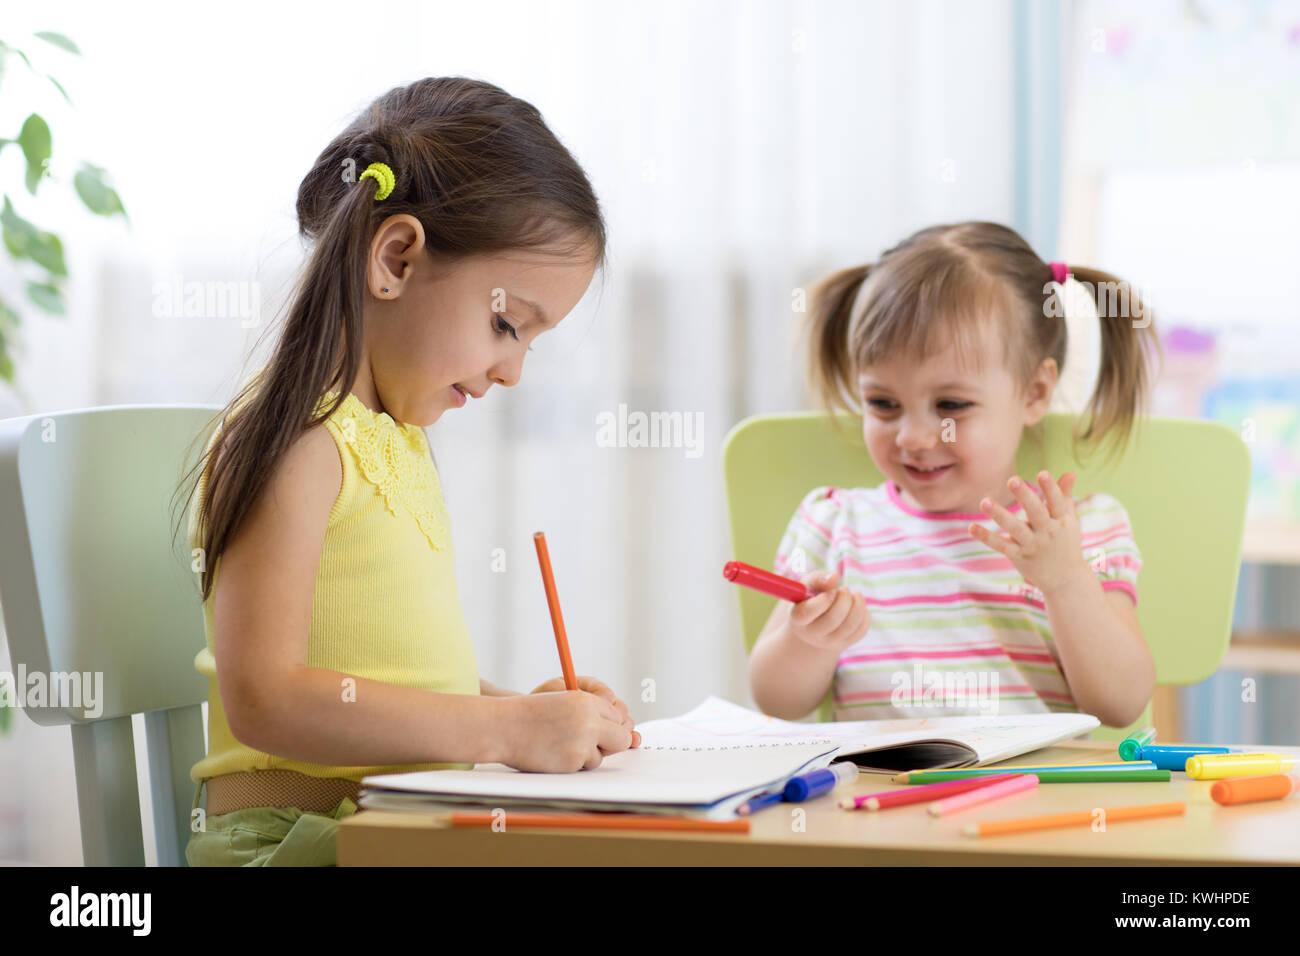 Glückliche Kinder Zeichnung im Kinderzimmer Stockbild